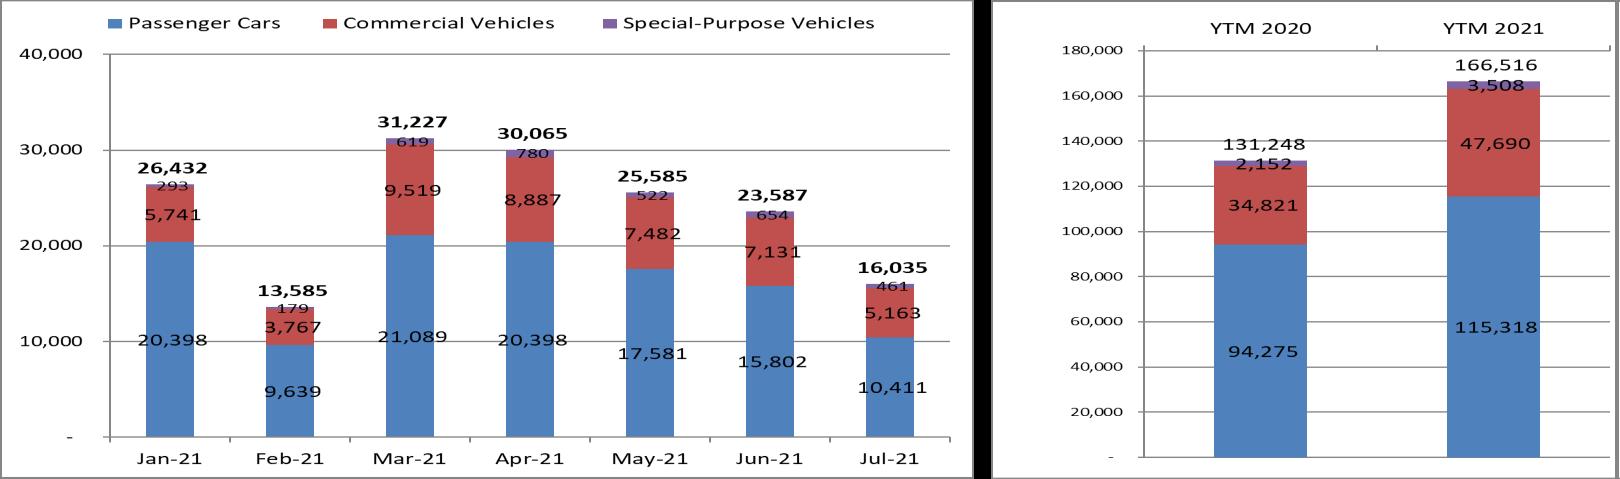 Bất chấp Covid-19, sản lượng tiêu thụ ô tô tháng 7 tăng 33% so với cùng kỳ năm 2020